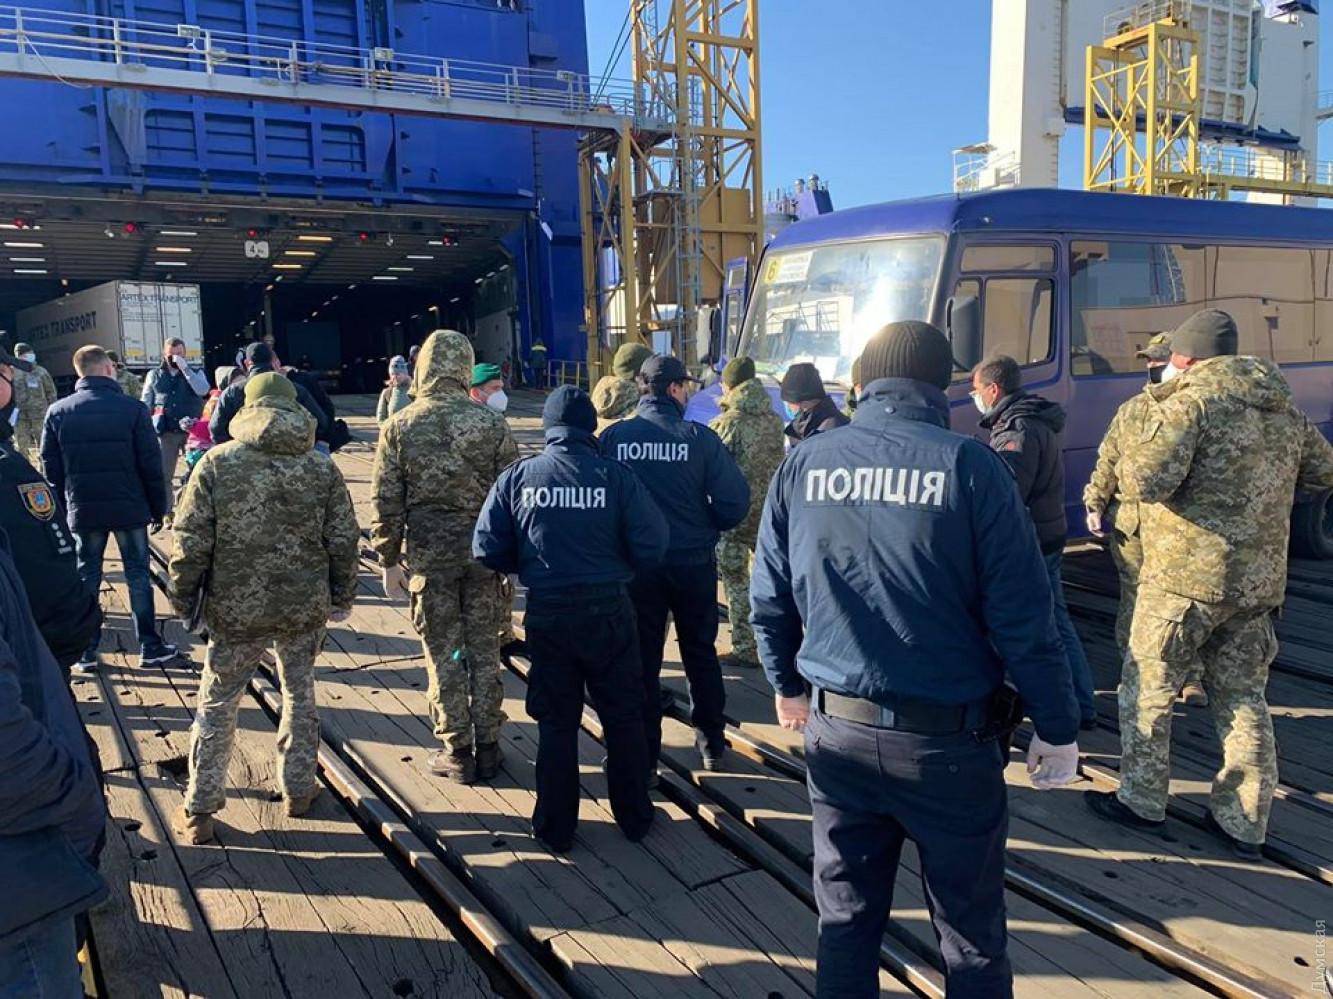 Полиция и спасатели в Черноморске: фото